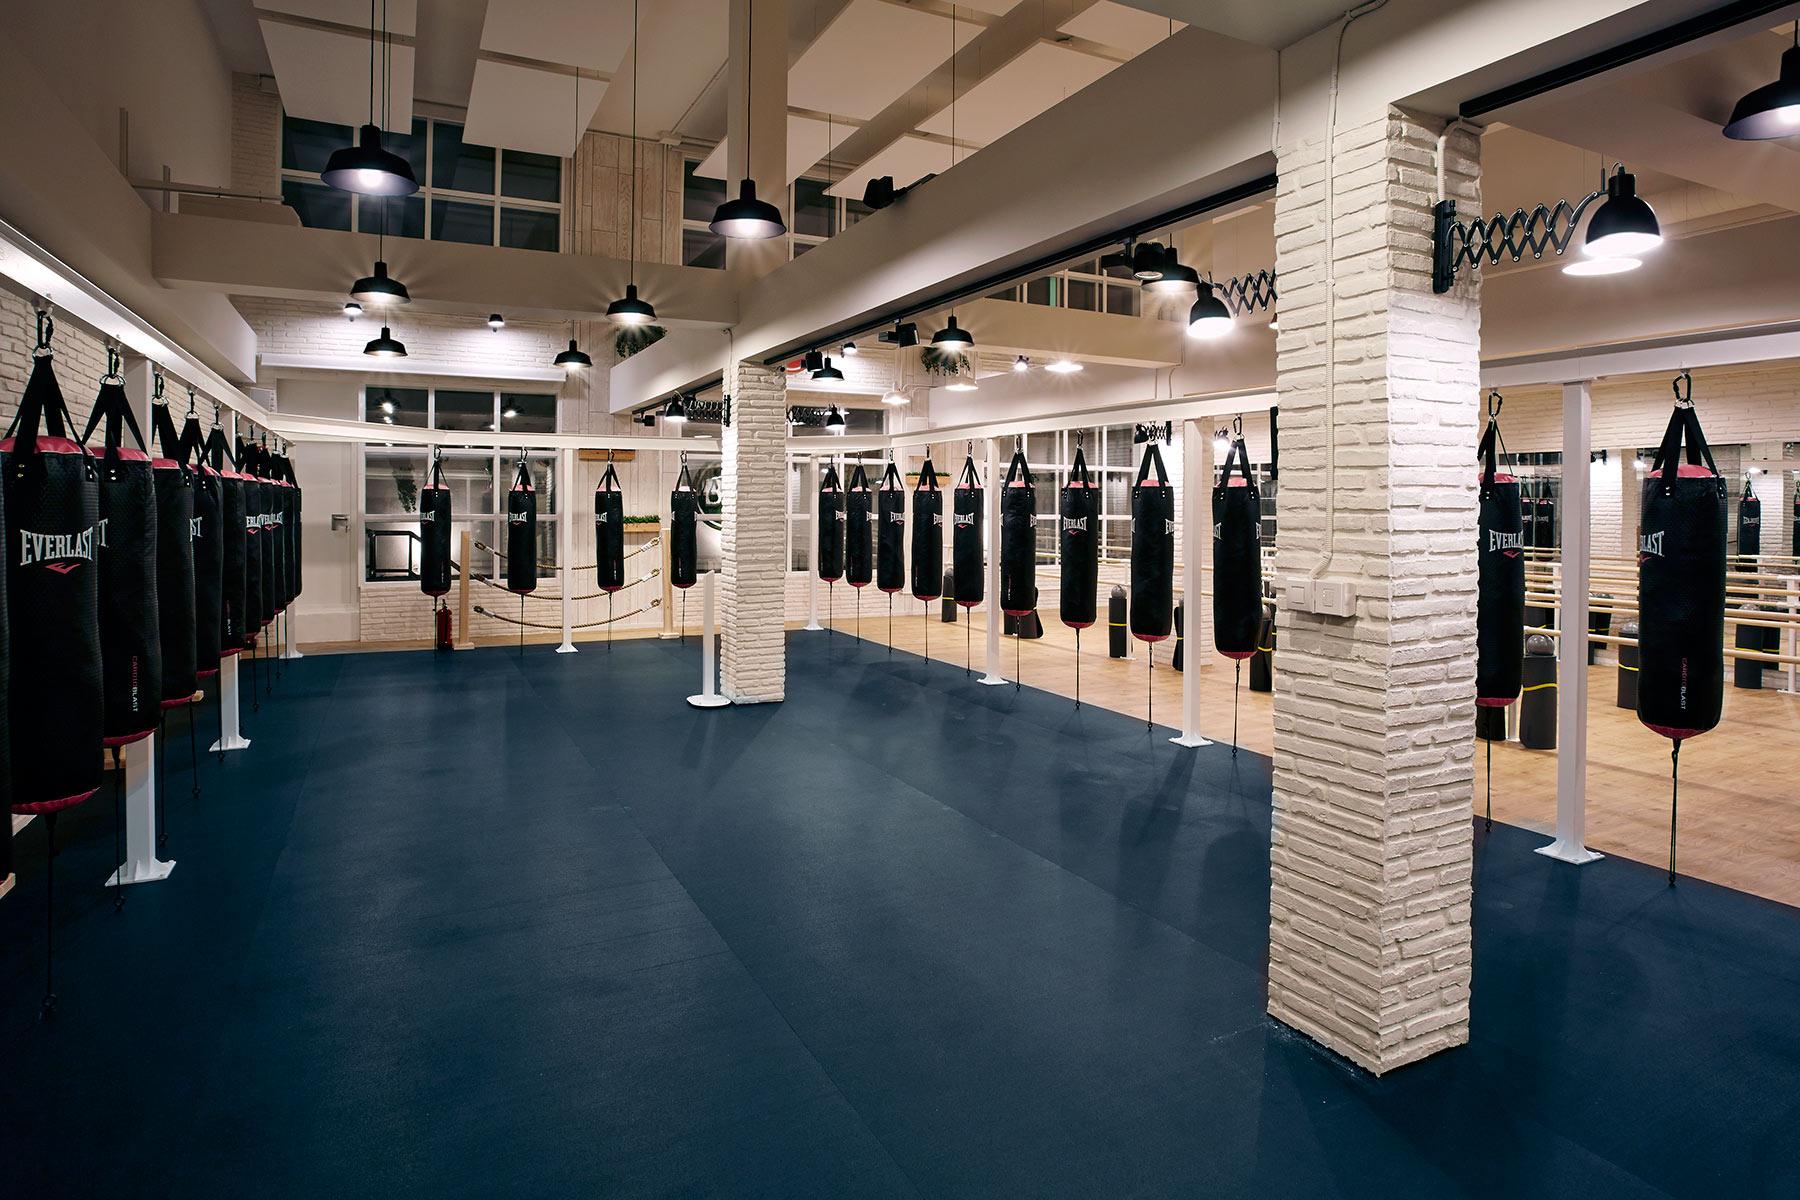 Dise o espacios singulares decoraci n gimnasio en madrid sube interiorismo - Decoracion de gimnasios ...